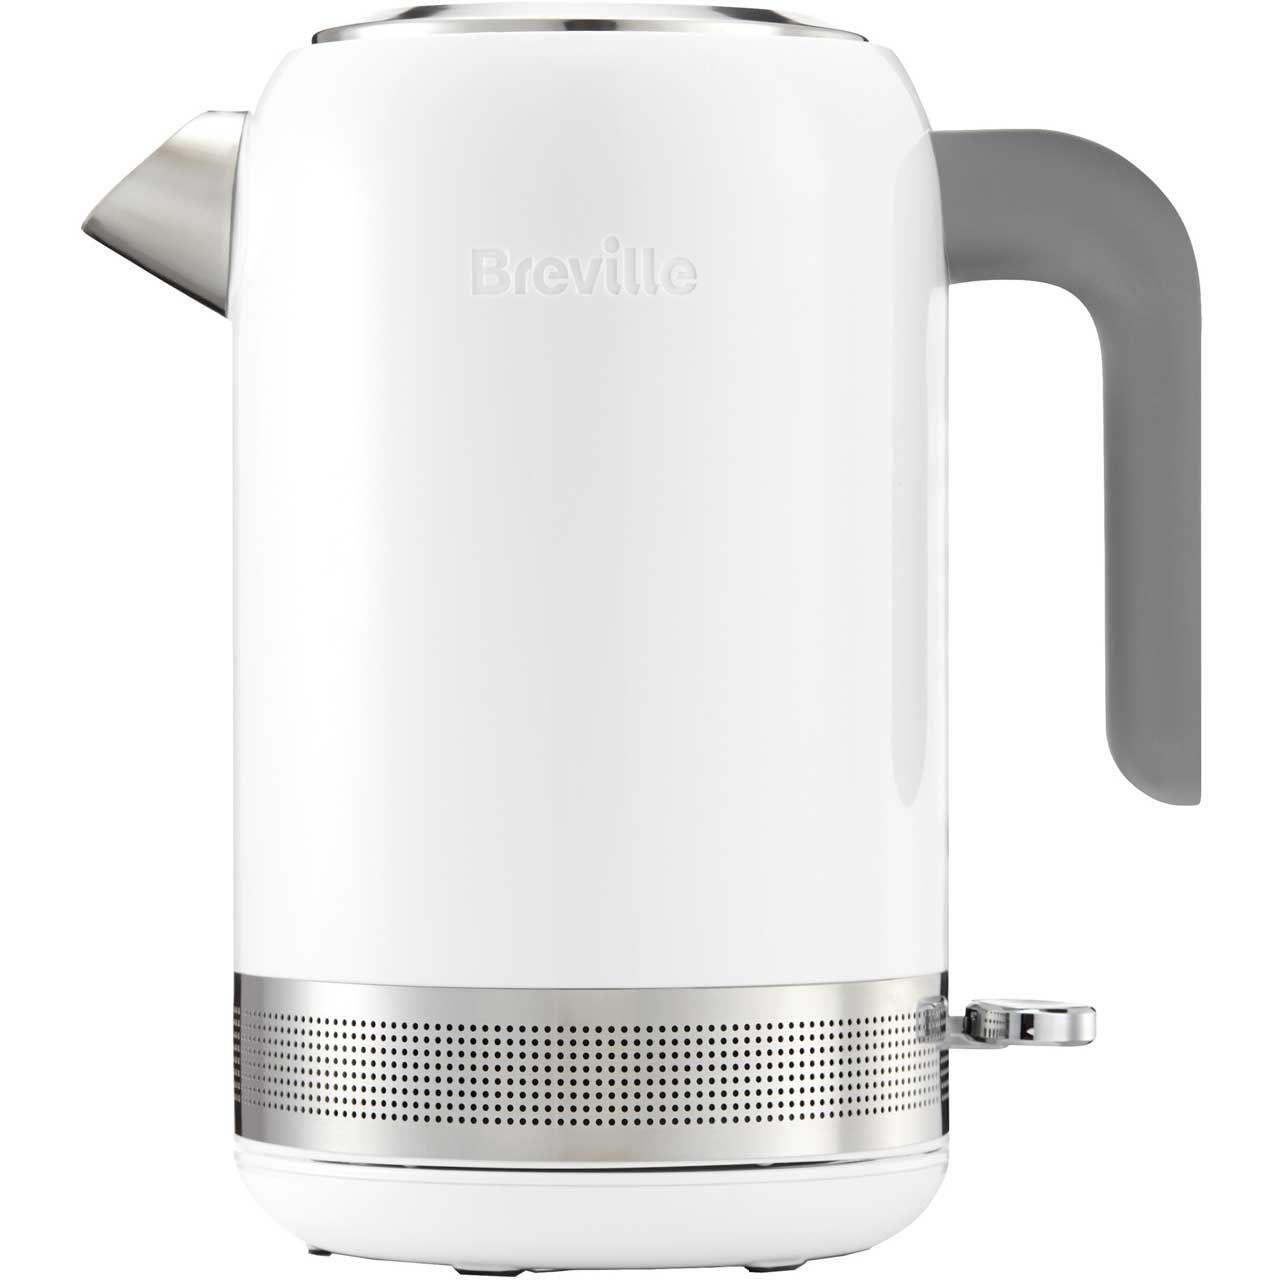 Pin by ❆ ѕɴoᴡвᴇʀʀɪᴇѕ ❆ on Kitchen Appliances   Pinterest   High ...